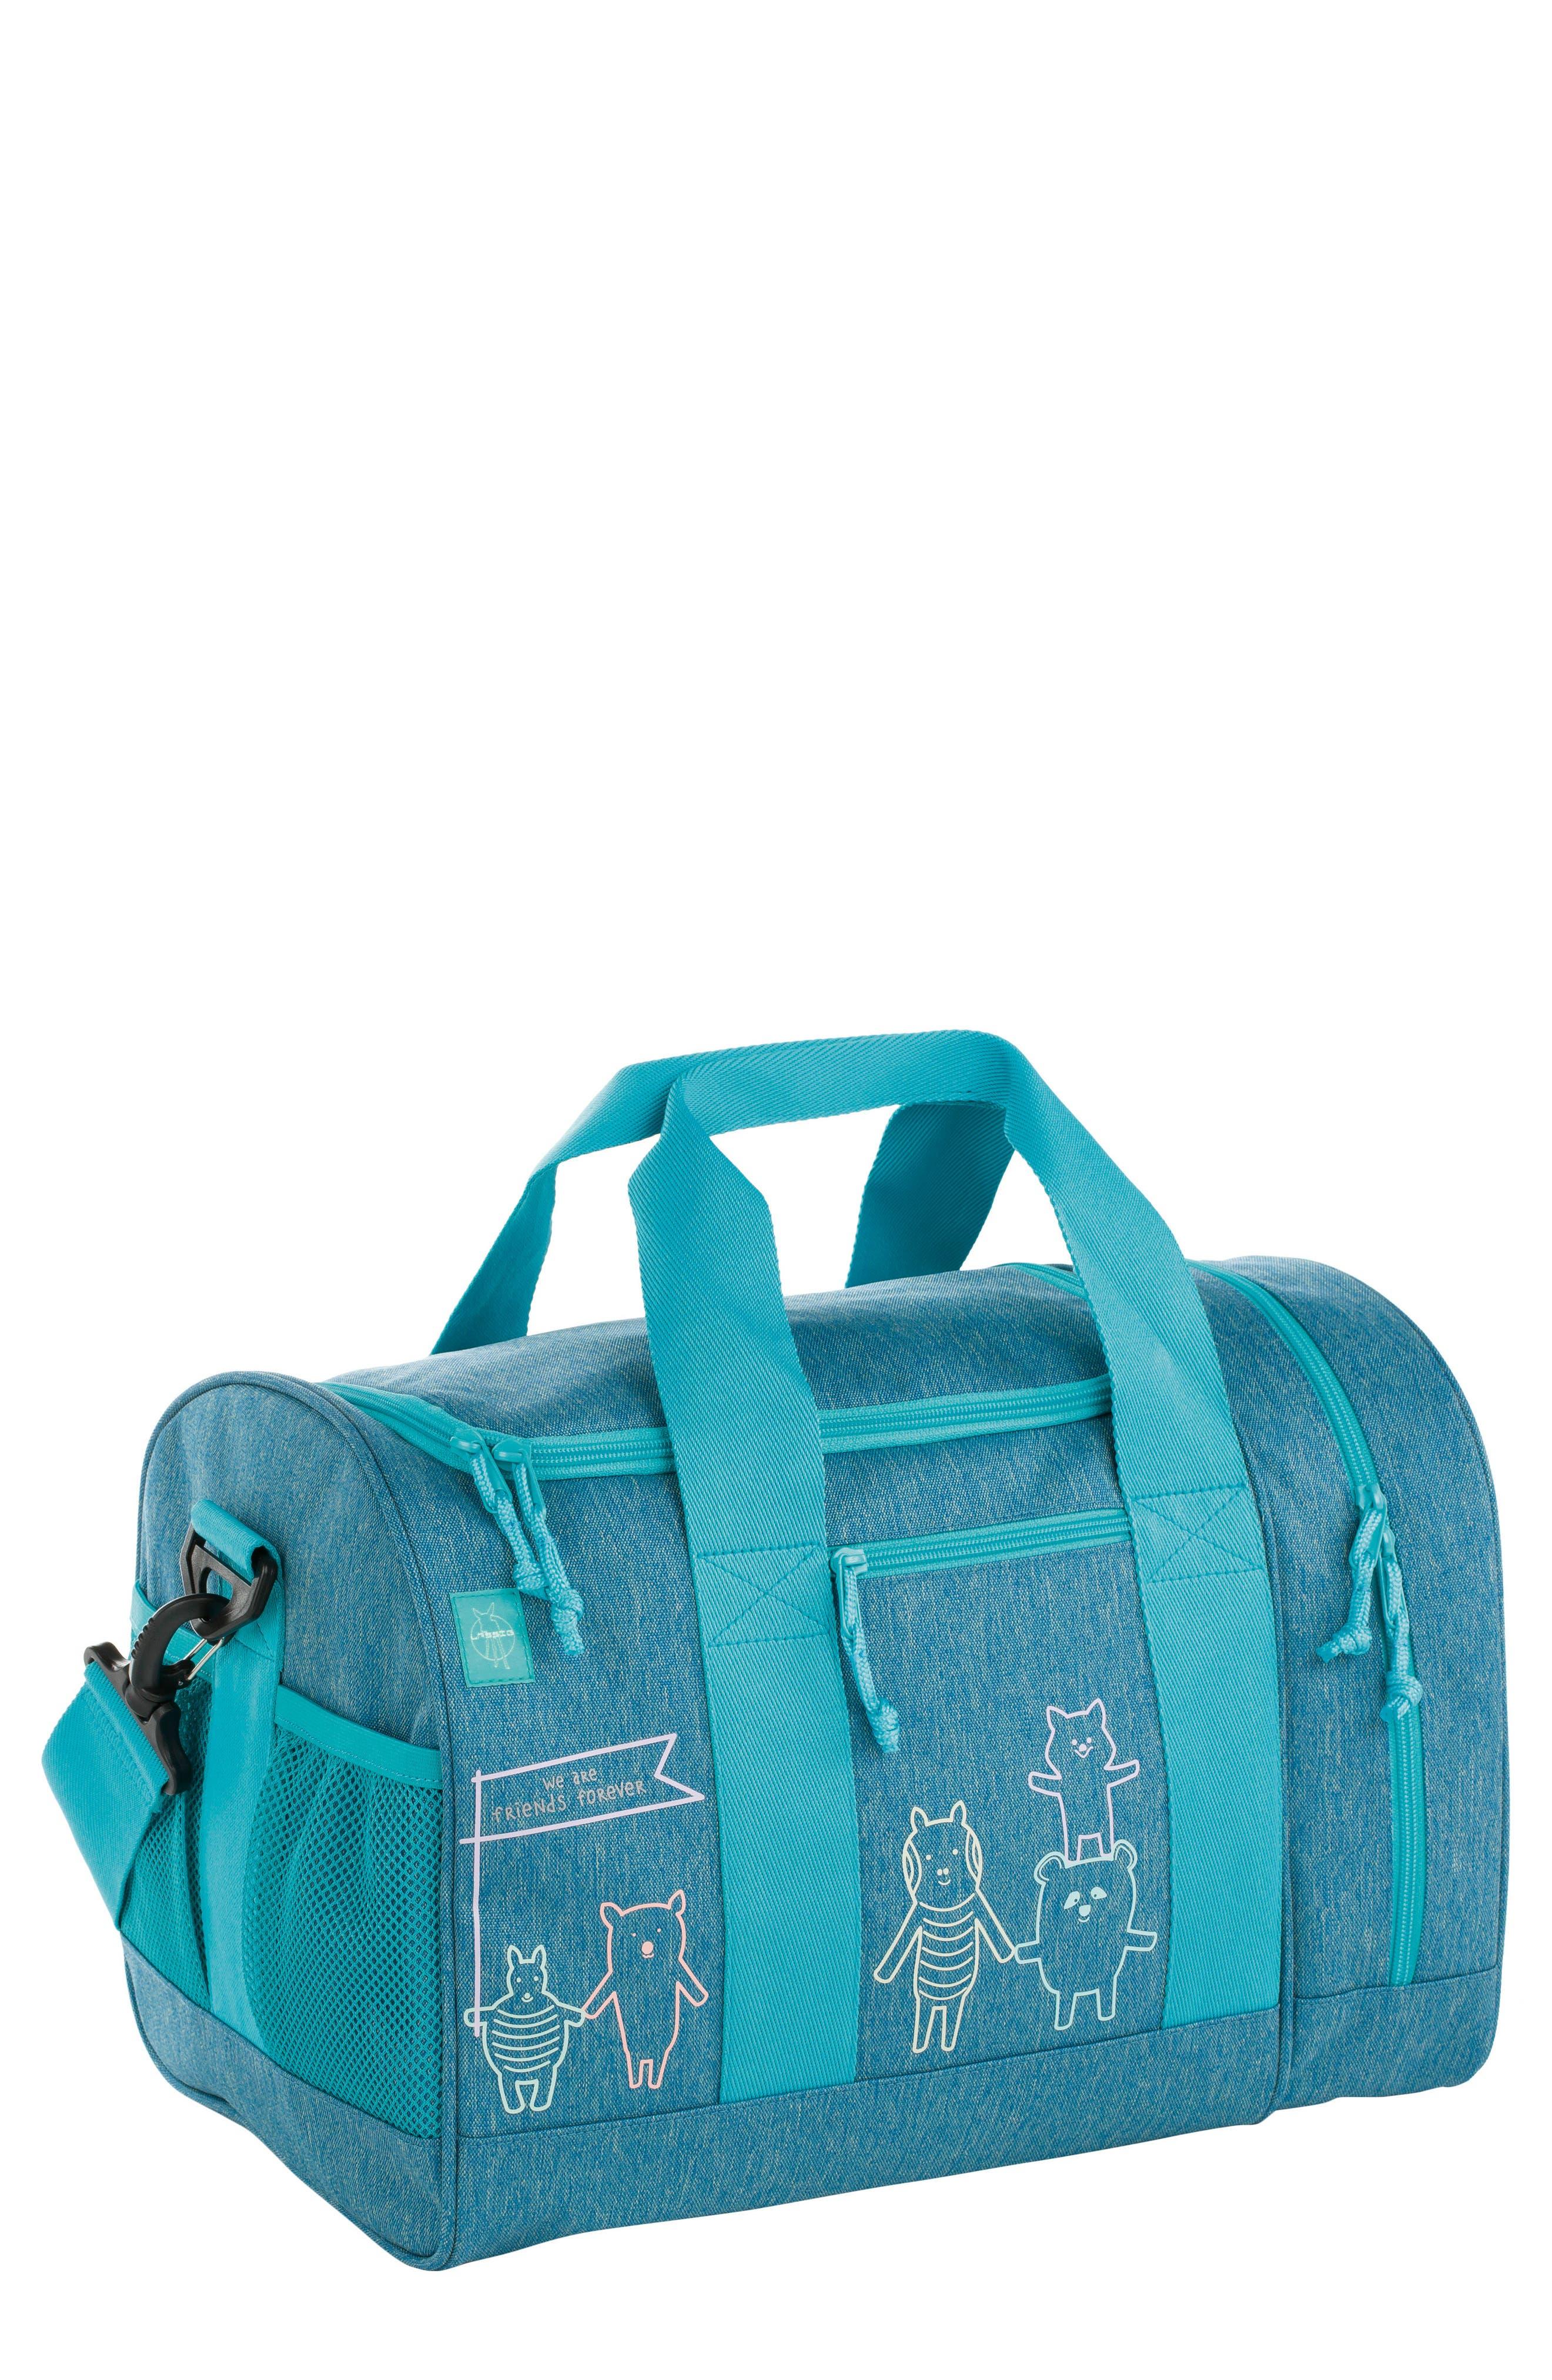 Mini About Friends Duffel Bag,                         Main,                         color, MELANGE BLUE